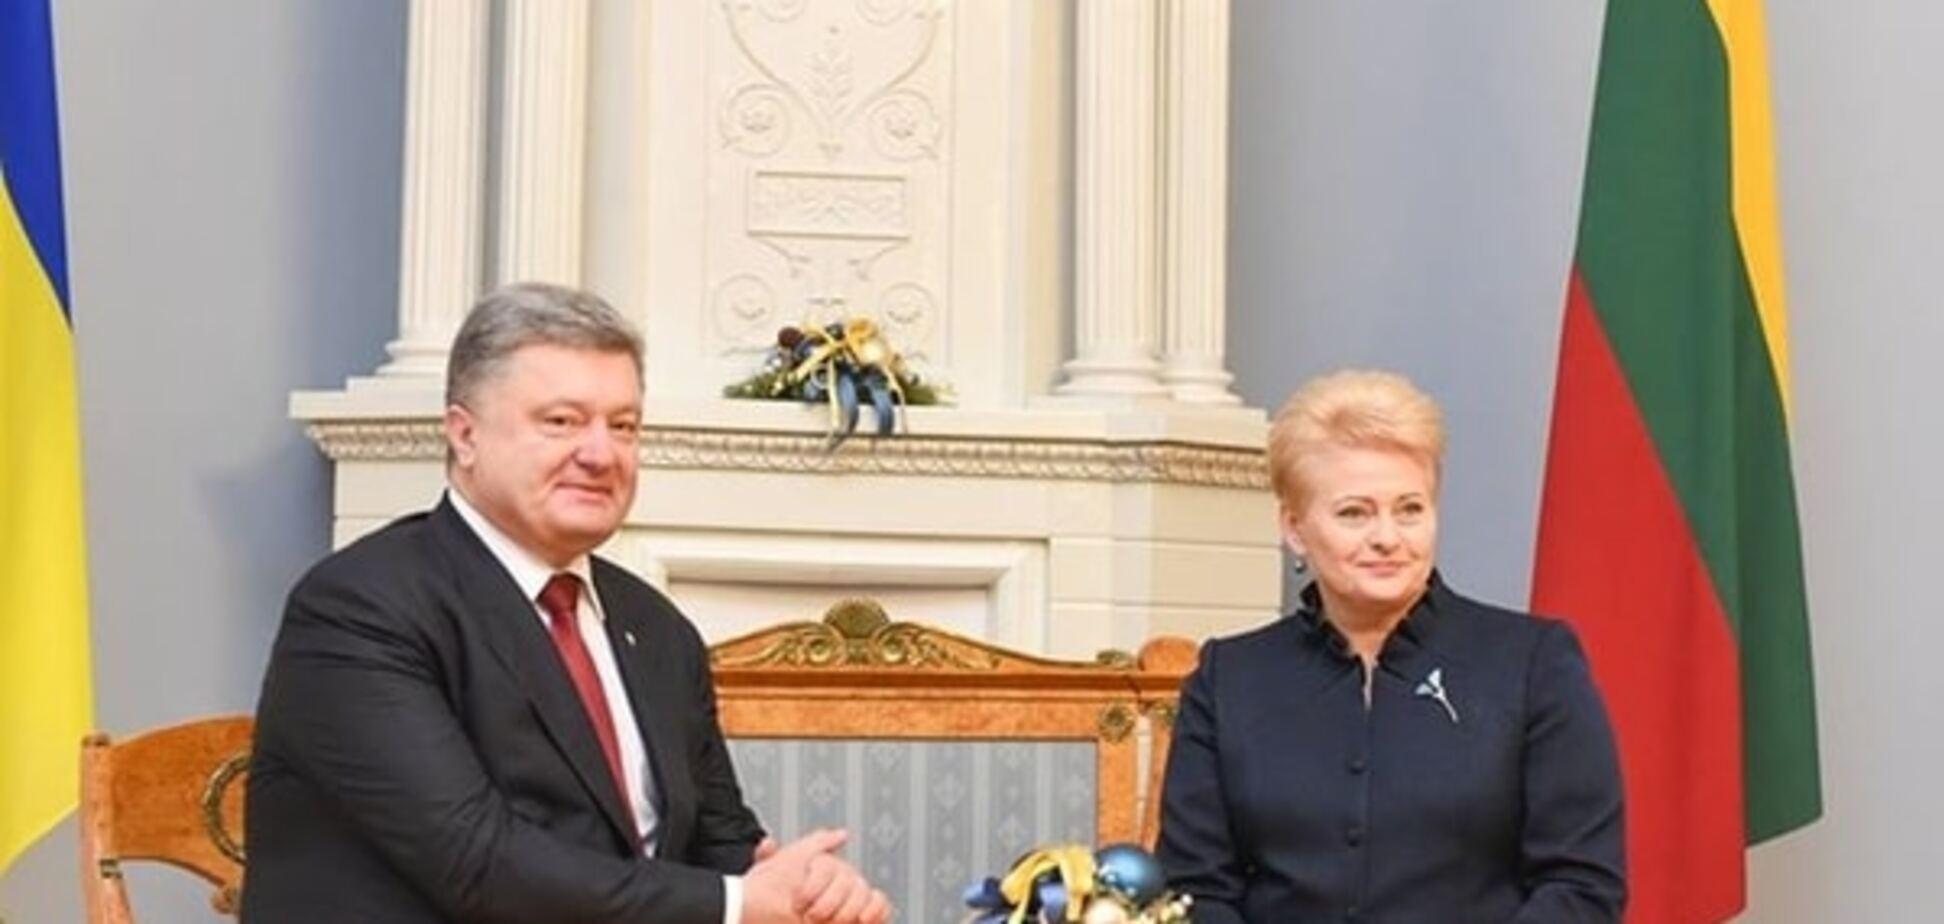 Грібаускайте: успіхи України - найкраща відповідь ворогам її свободи